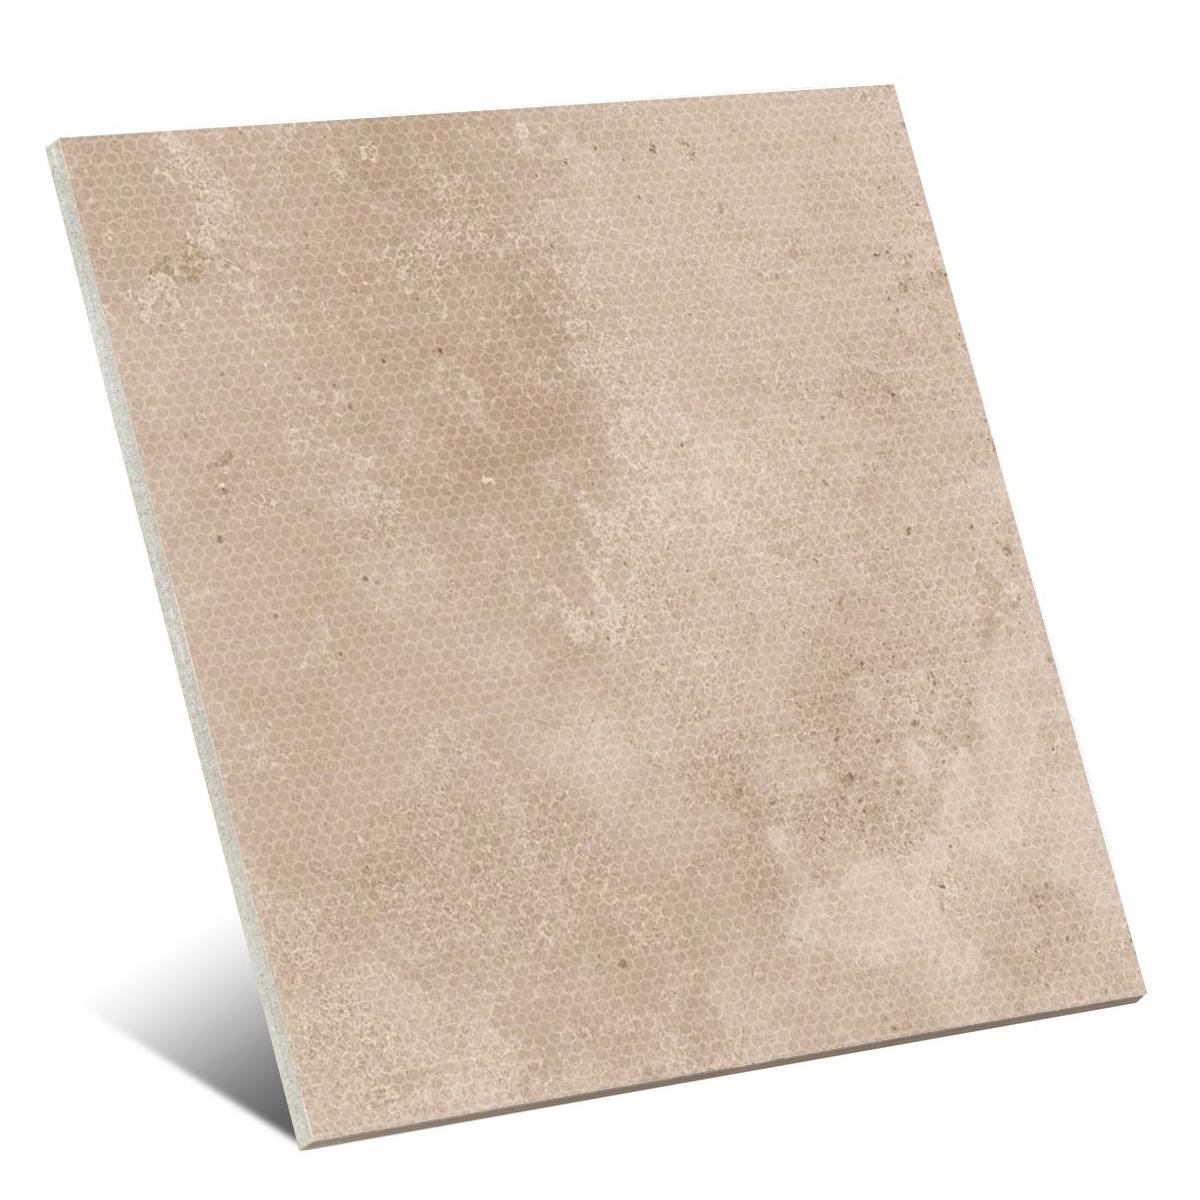 Keros Cerámica Vinci Blanco 25x25 (m2)